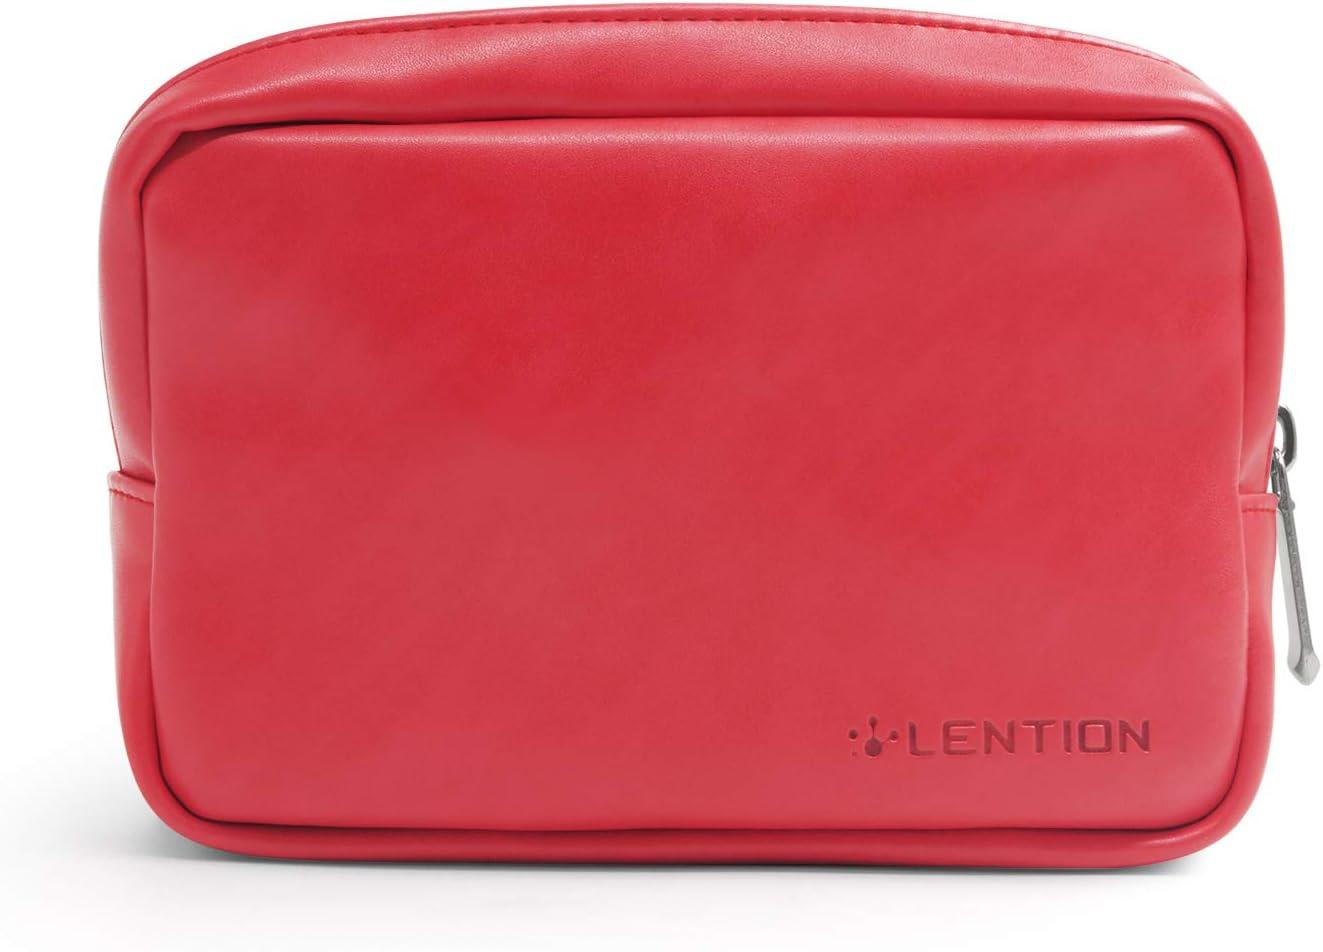 lention Funda Protectora de Cuero Dividida para la Bolsa de Almacenamiento, el Adaptador de alimentación de la computadora portátil/Tableta, Cargador para teléfono, Ratón inalámbrico, Más (Rojo)